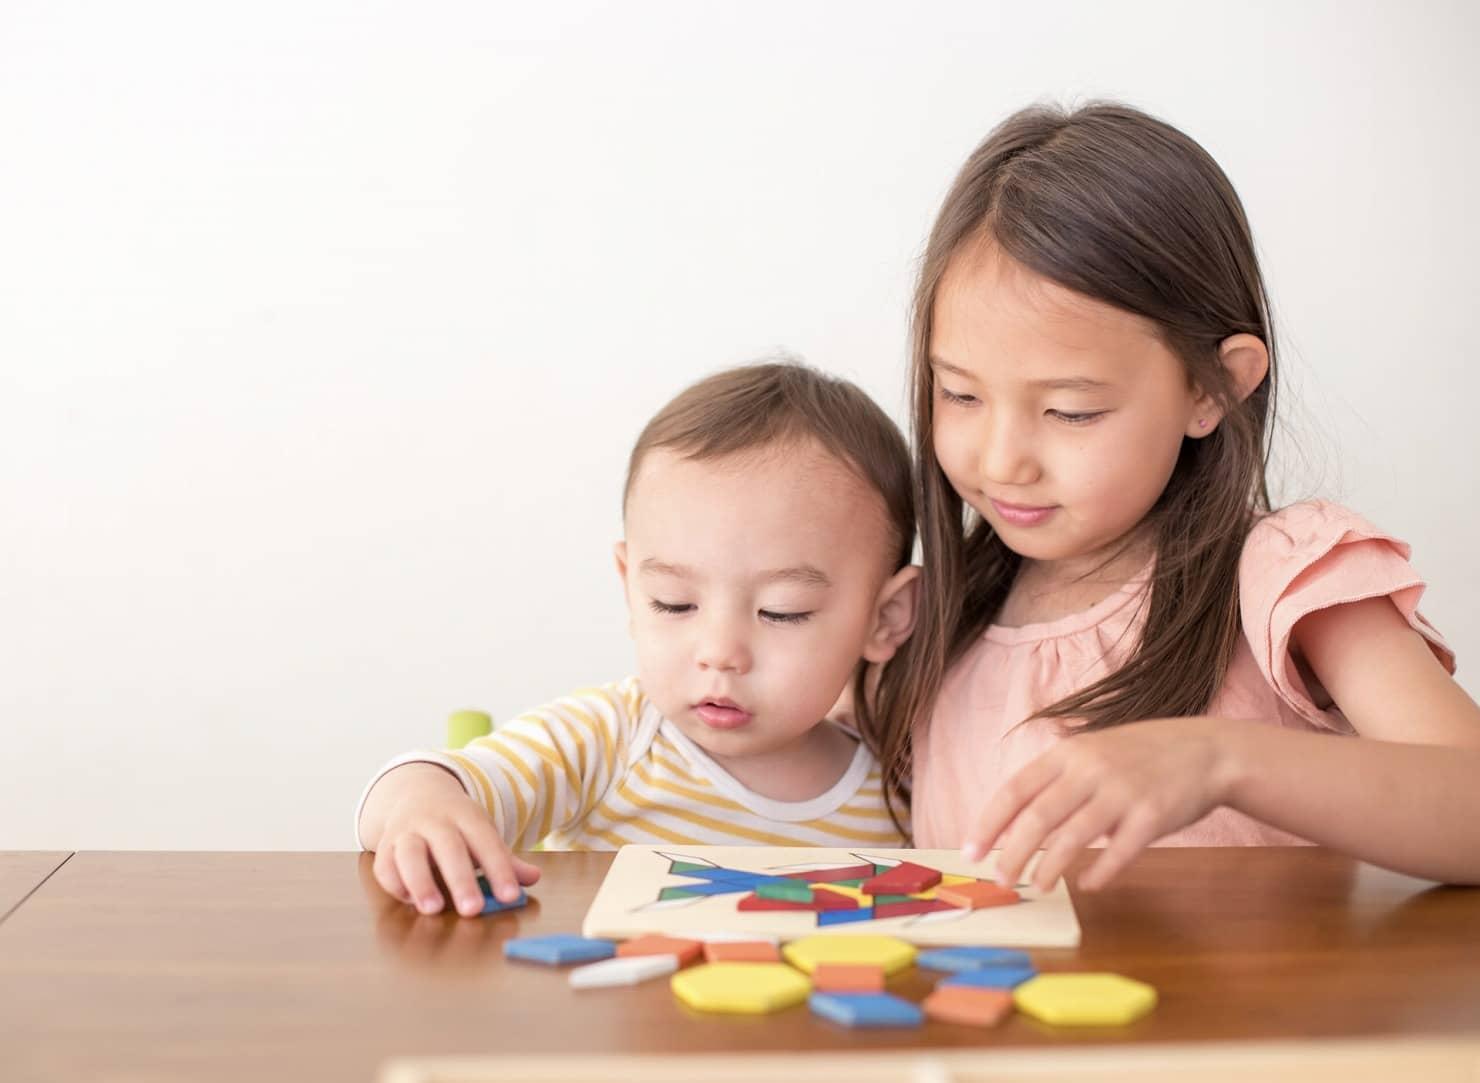 育児と子育て、言葉の意味が違うのを知っていますか?